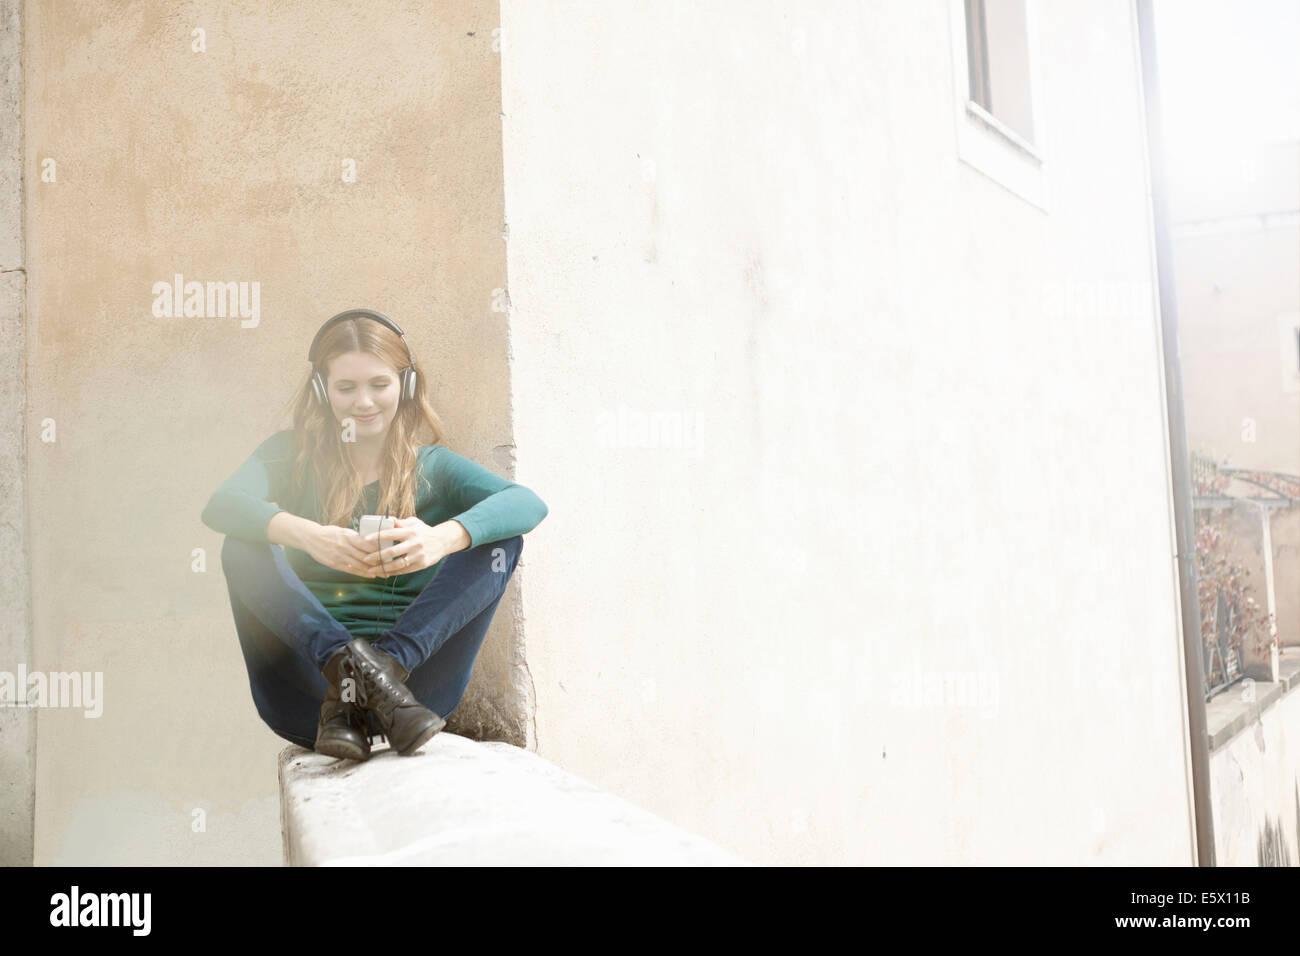 Giovane donna seduta zampe trasversale ascoltando la musica attraverso le cuffie Immagini Stock